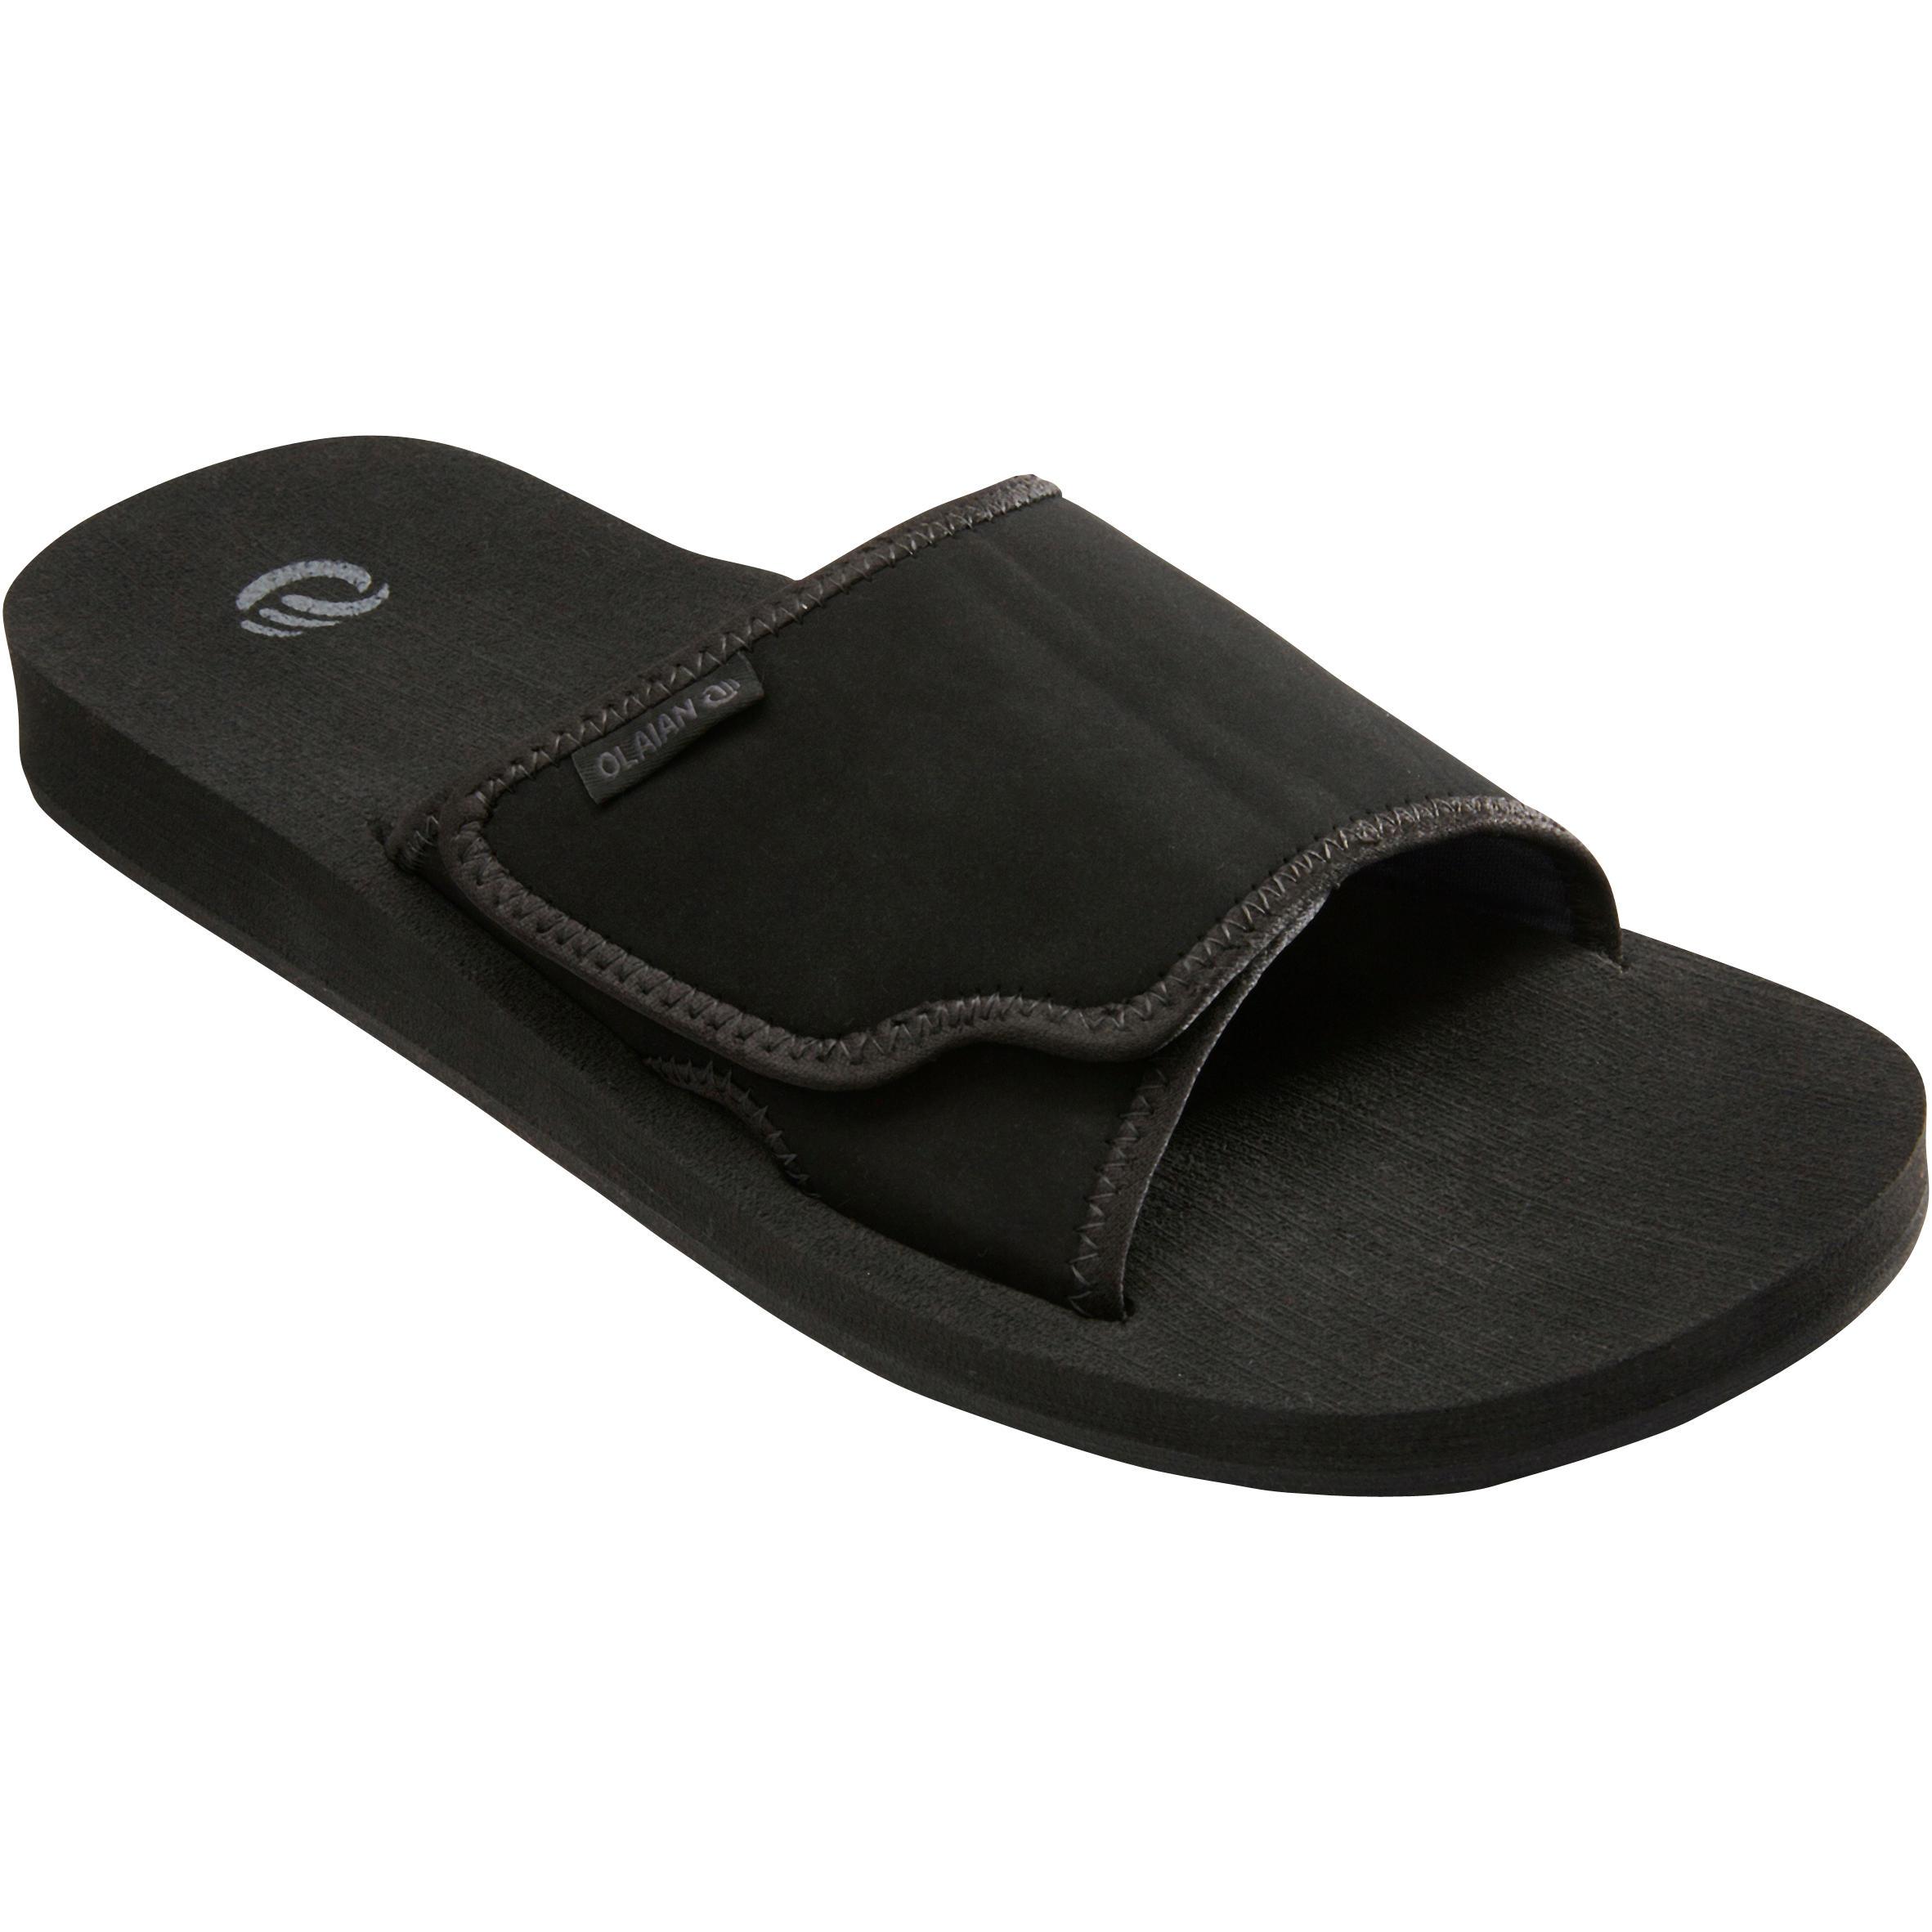 SLAP 550 M Men's Flip-Flops - Black